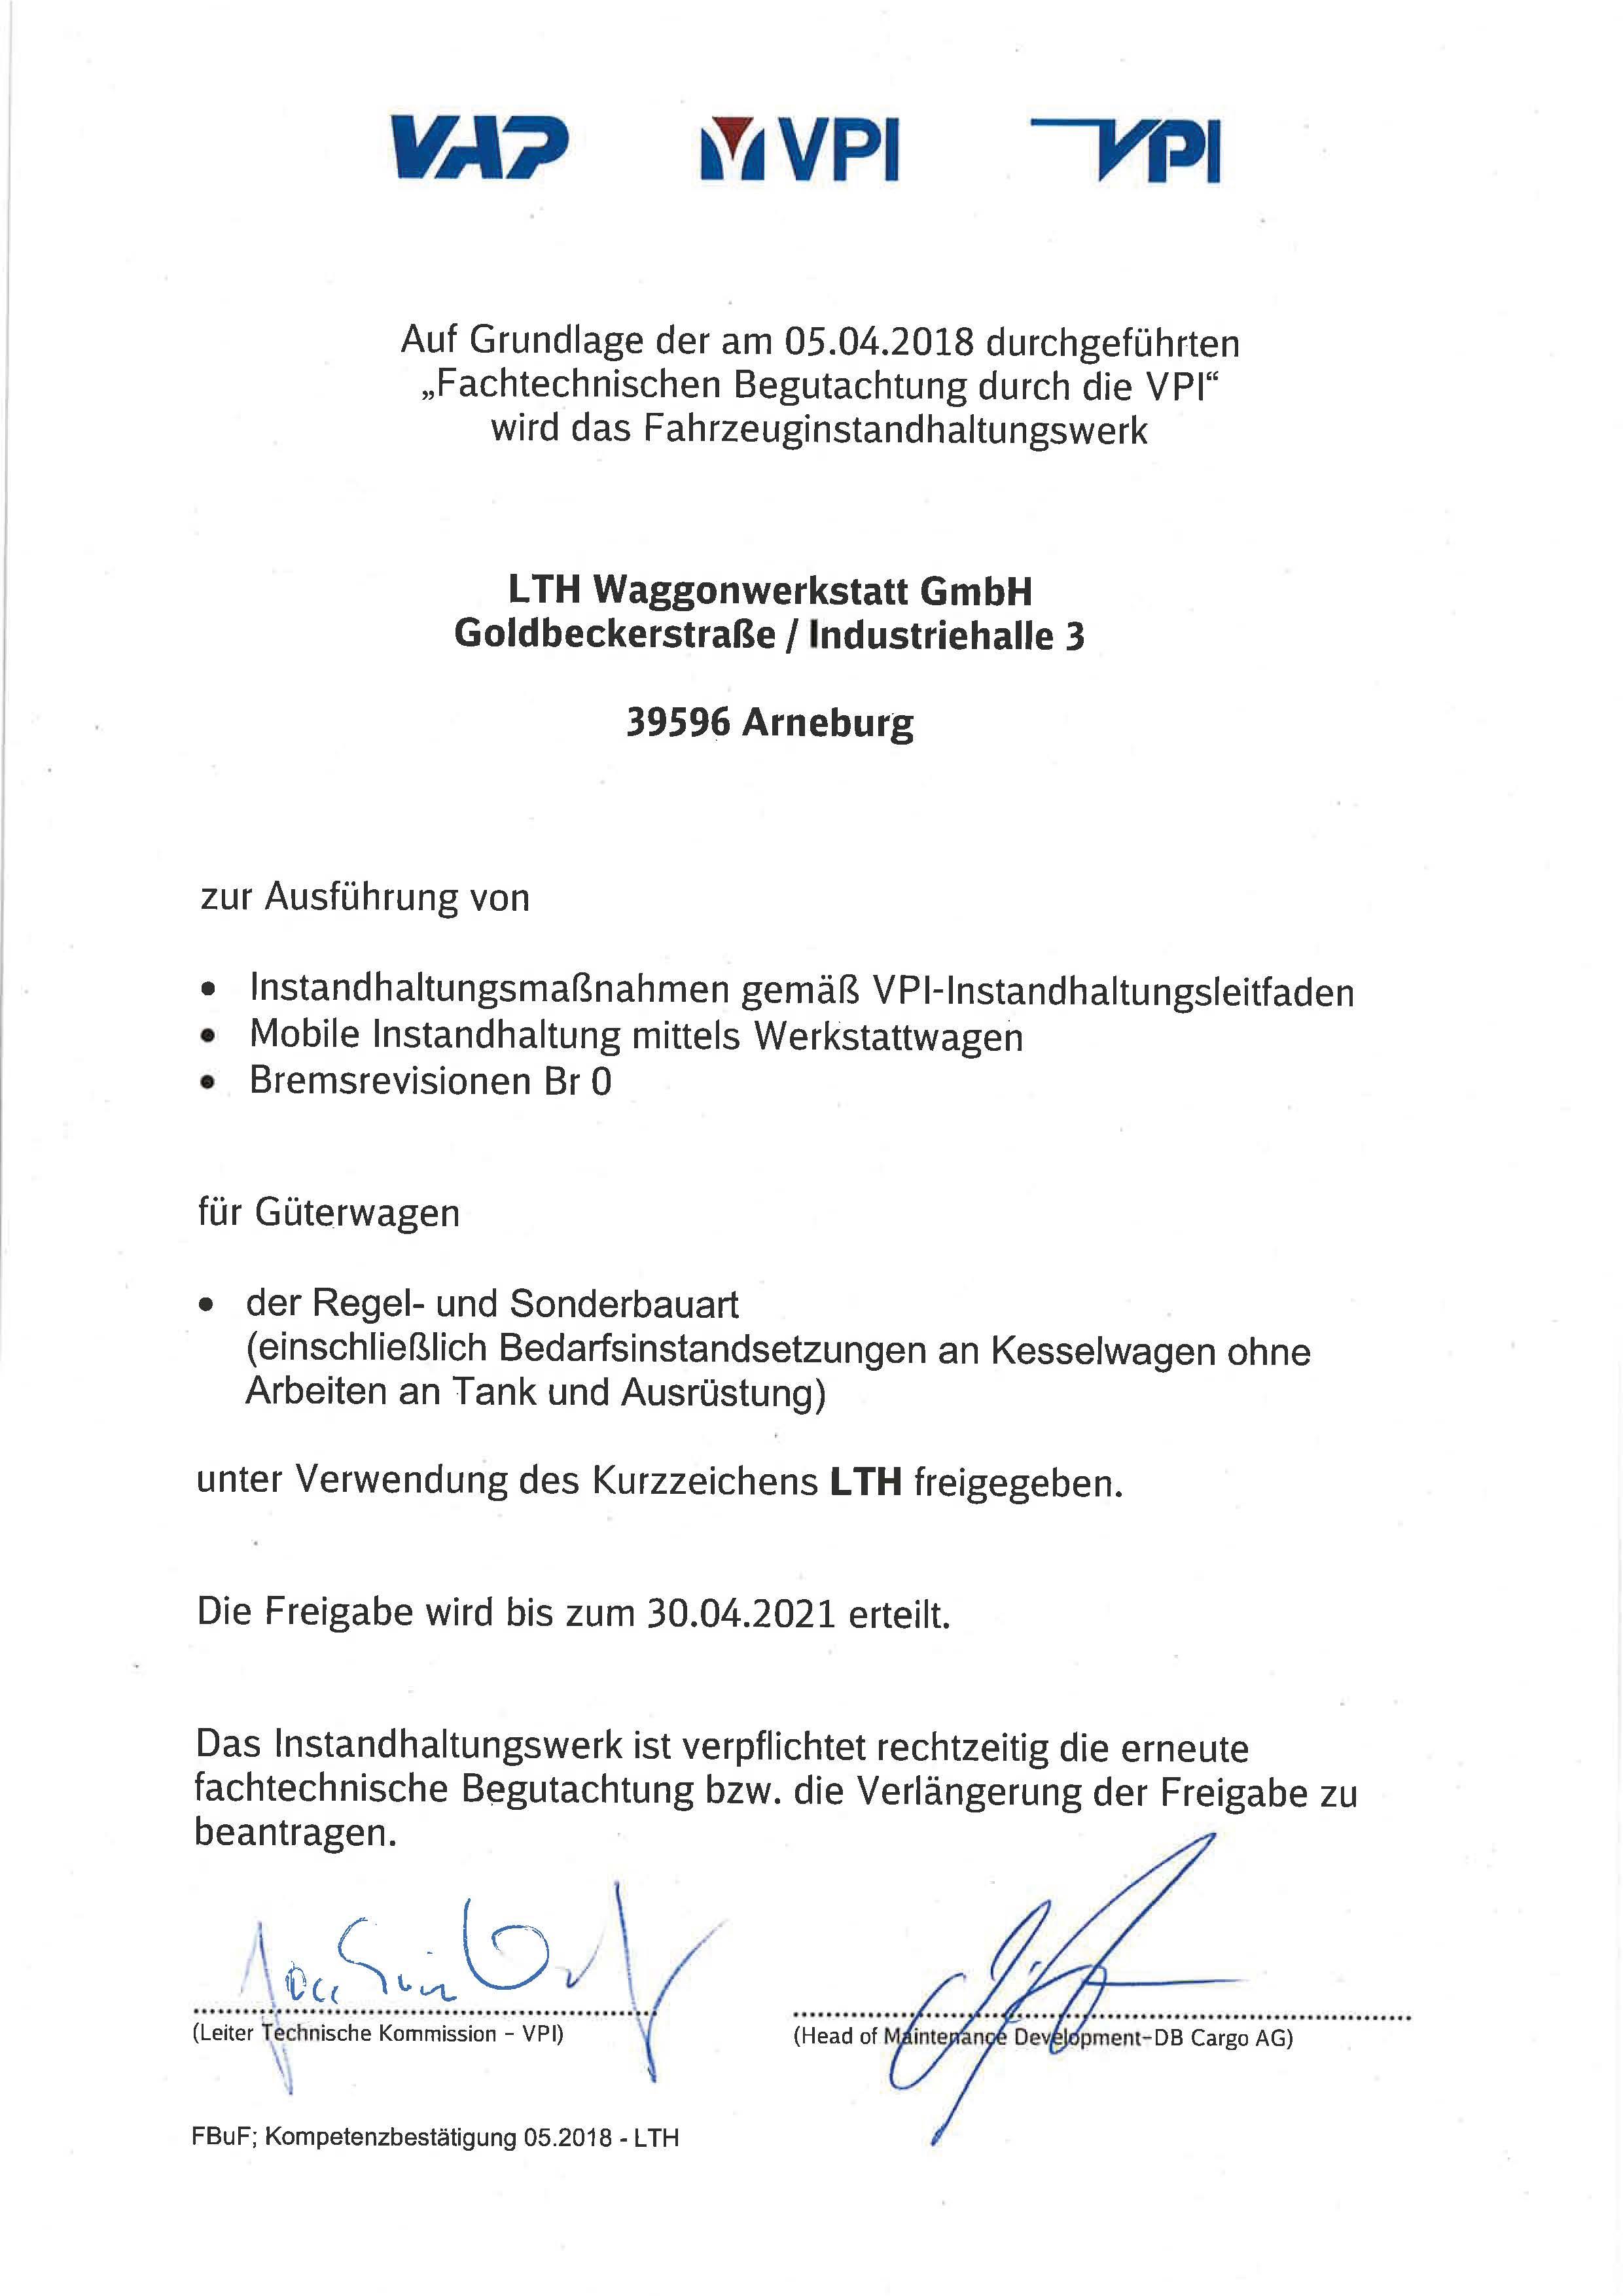 Das Bild zeigt die Zulassung des Verbands deutscher Güterwagenhalter in Deutschland E.V. Sie berechtigt zur Instandhaltung und Bremsrevisionen für Güterwagen.